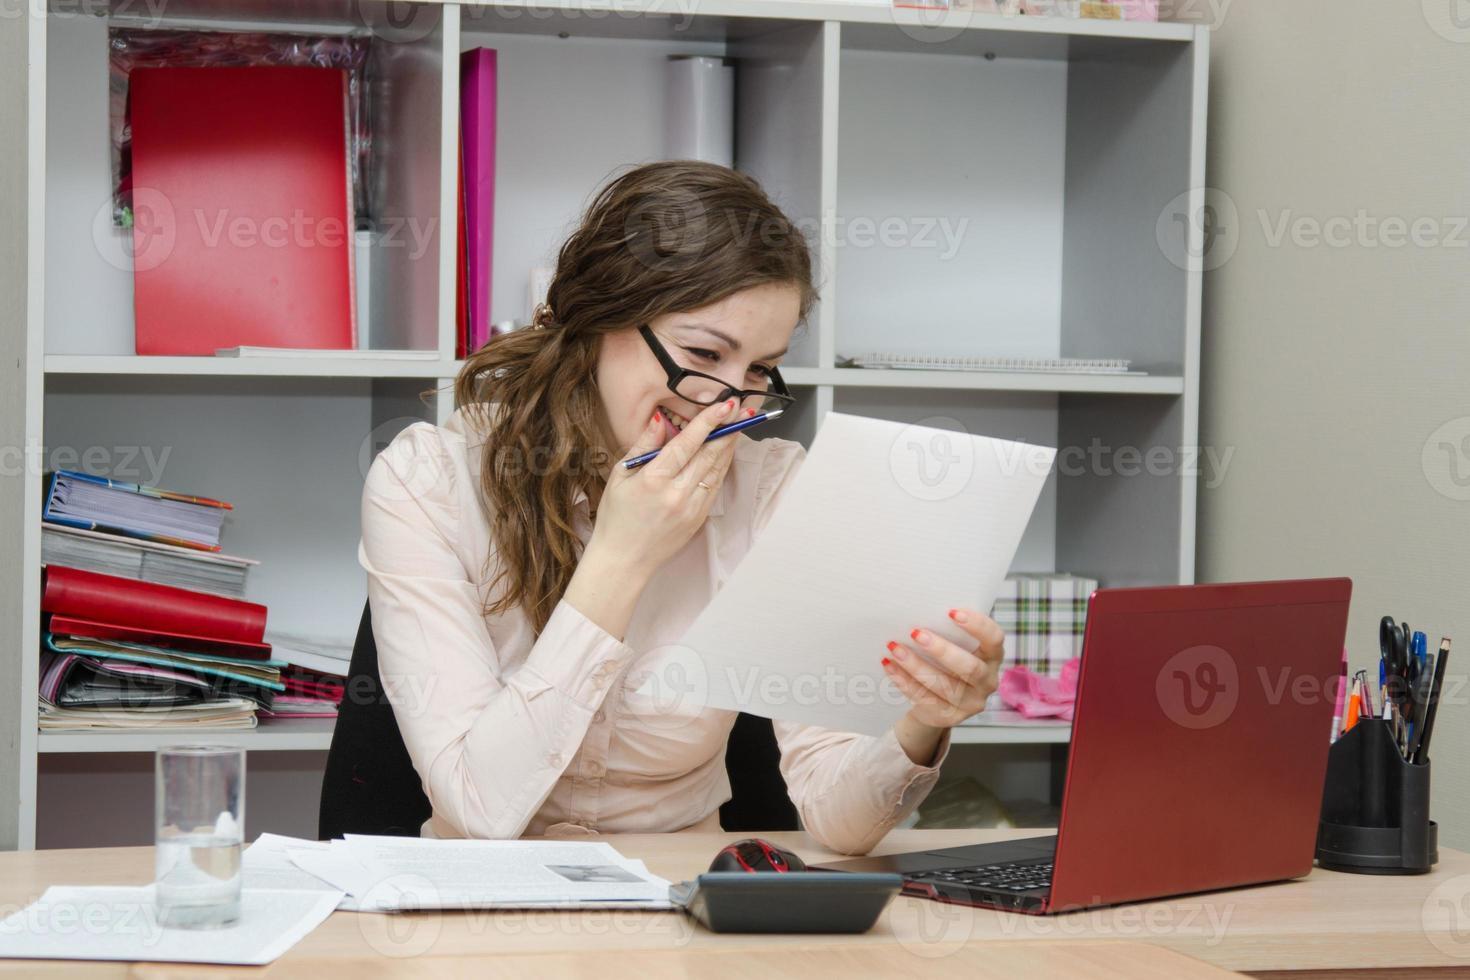 garota ri enquanto lê um documento no local de trabalho foto